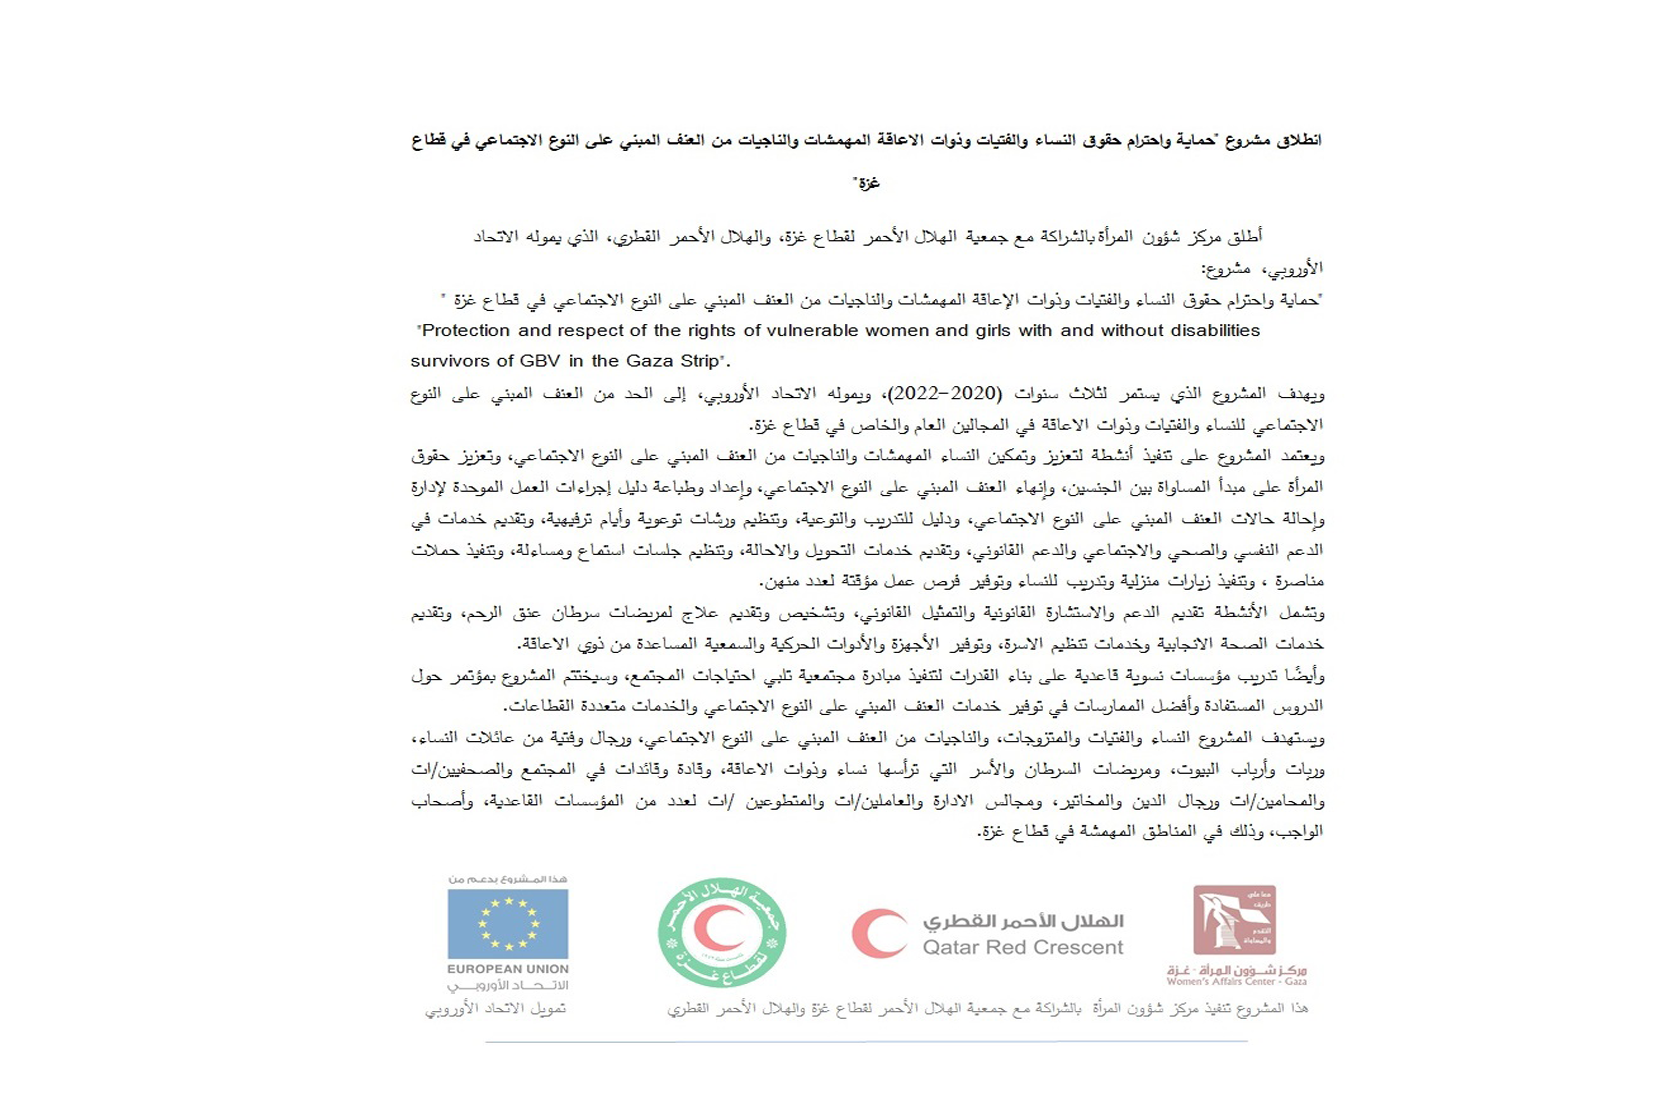 انطلاق حماية واحترام حقوق النساء والفتيات وذوات الاعاقة المهمشات والناجيات من العنف المبني على النوع الاجتماعي في قطاع غزة.